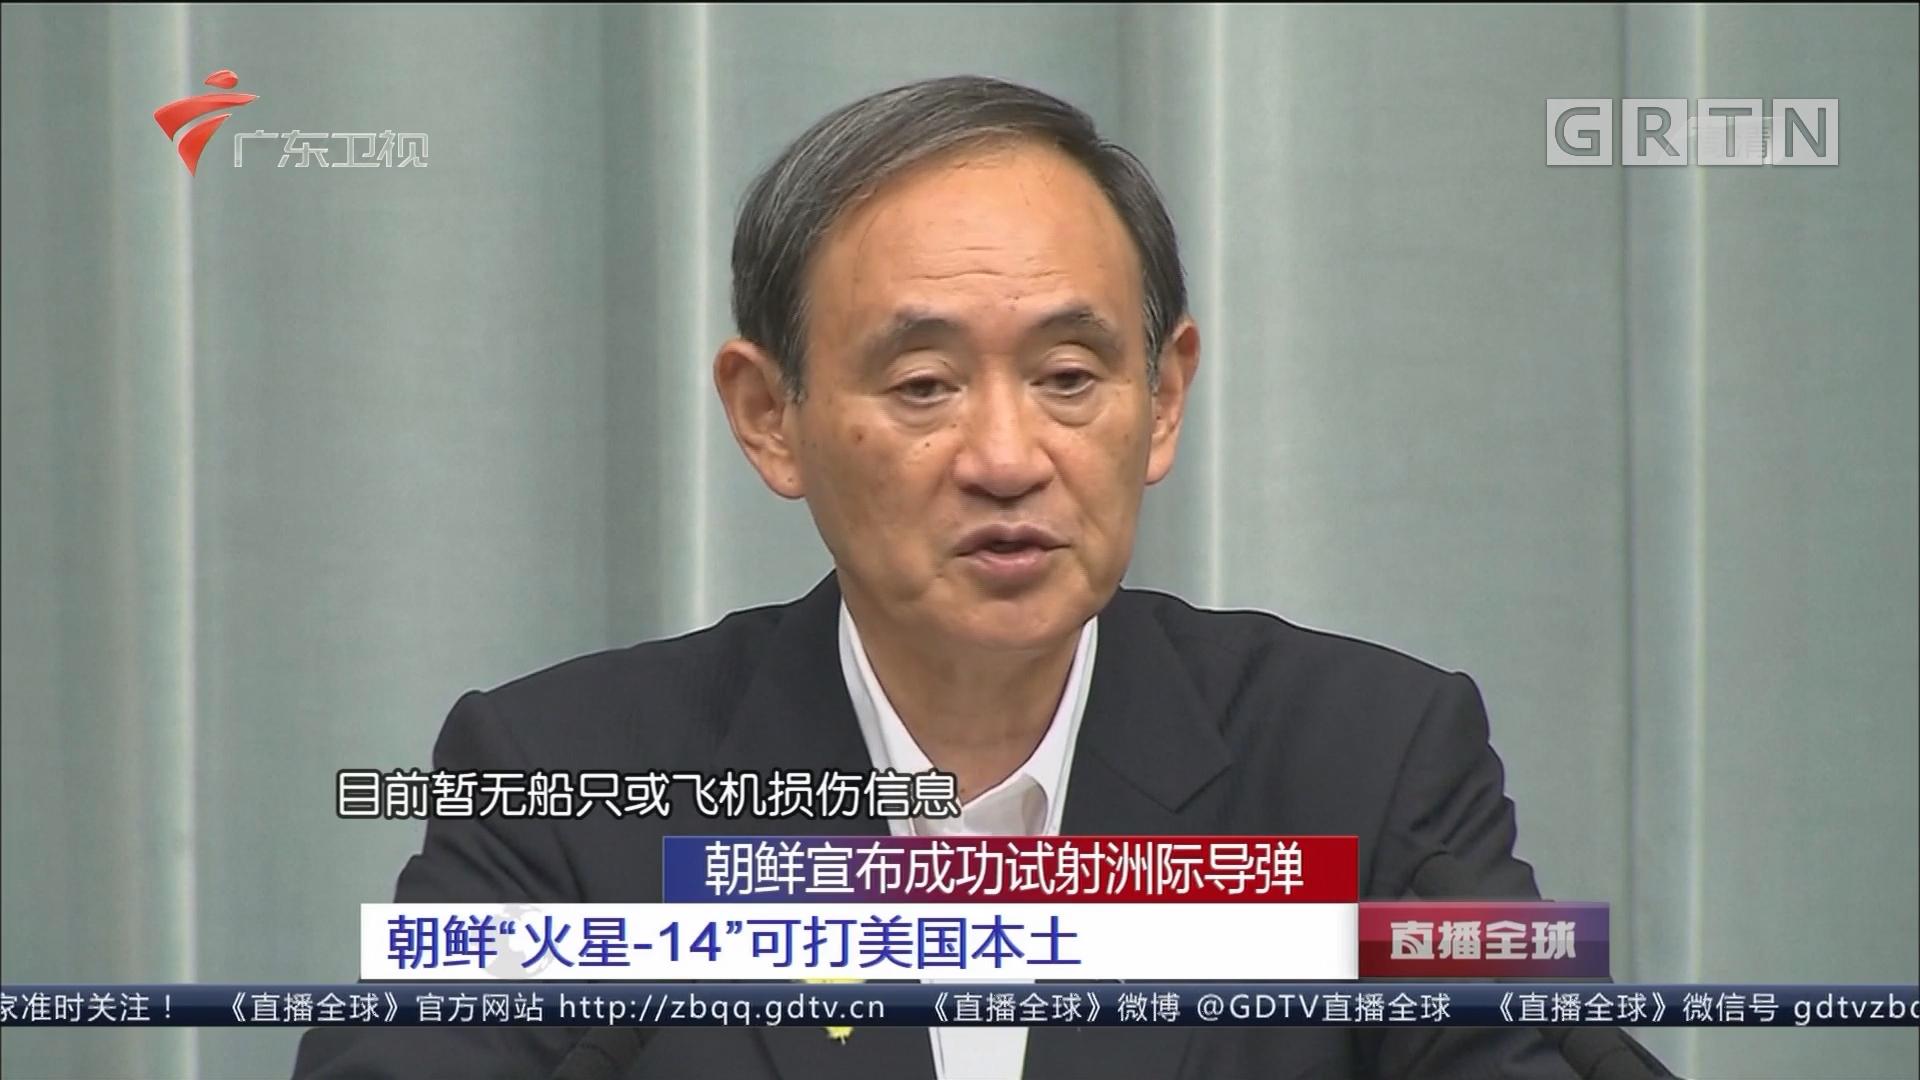 """朝鲜宣布成功试射洲际导弹 朝鲜""""火星—14""""可打美国本土"""